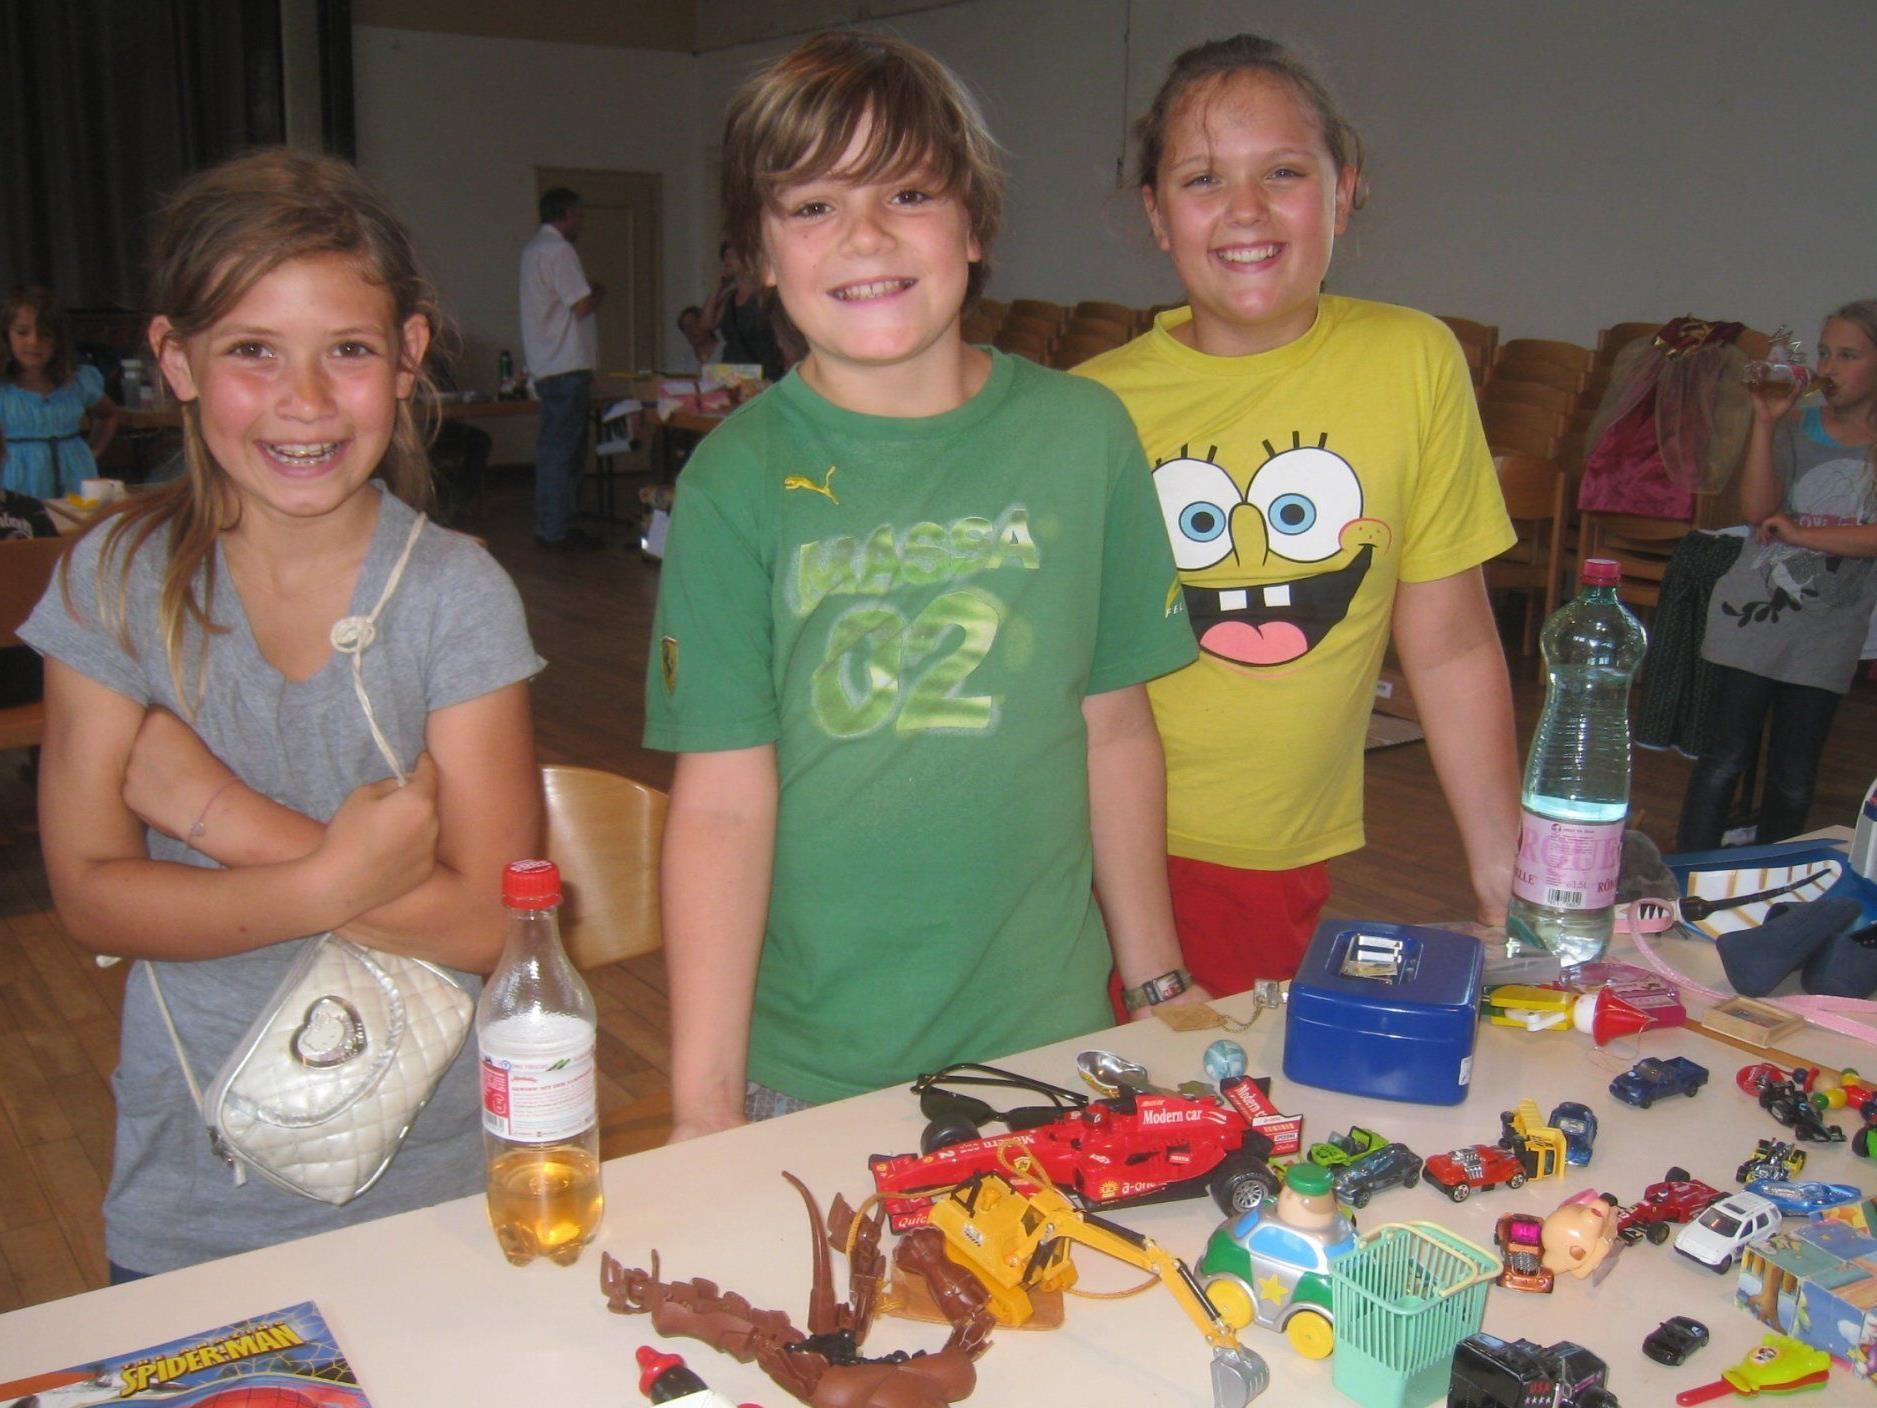 Die Kinder freuen sich auf viele kaufinteressierte Besucher.